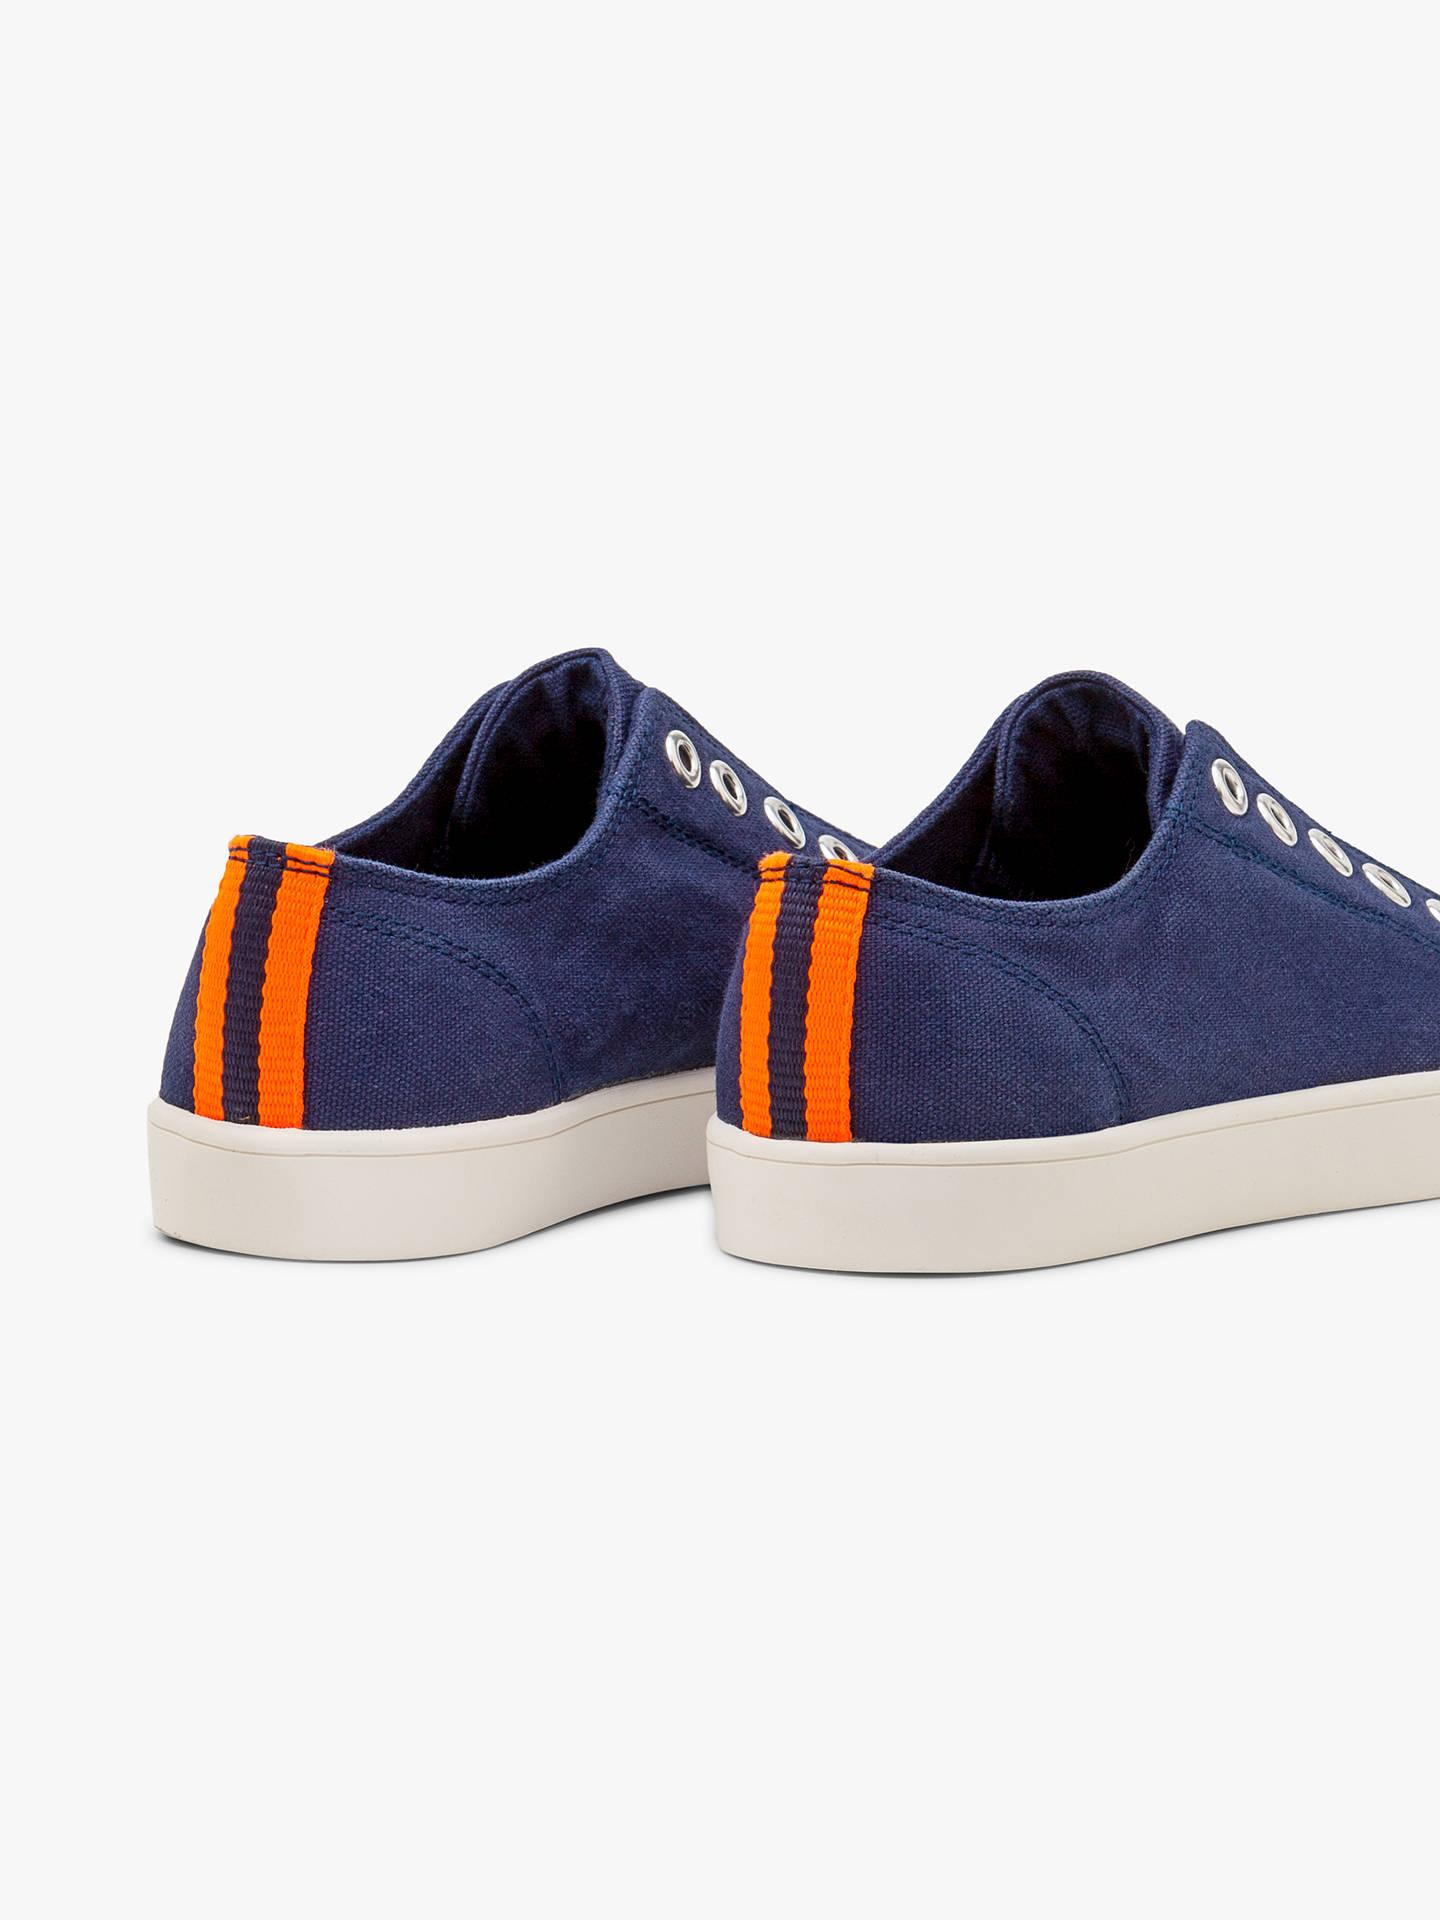 Mini Boden Children S Laceless Canvas Shoes College Blue